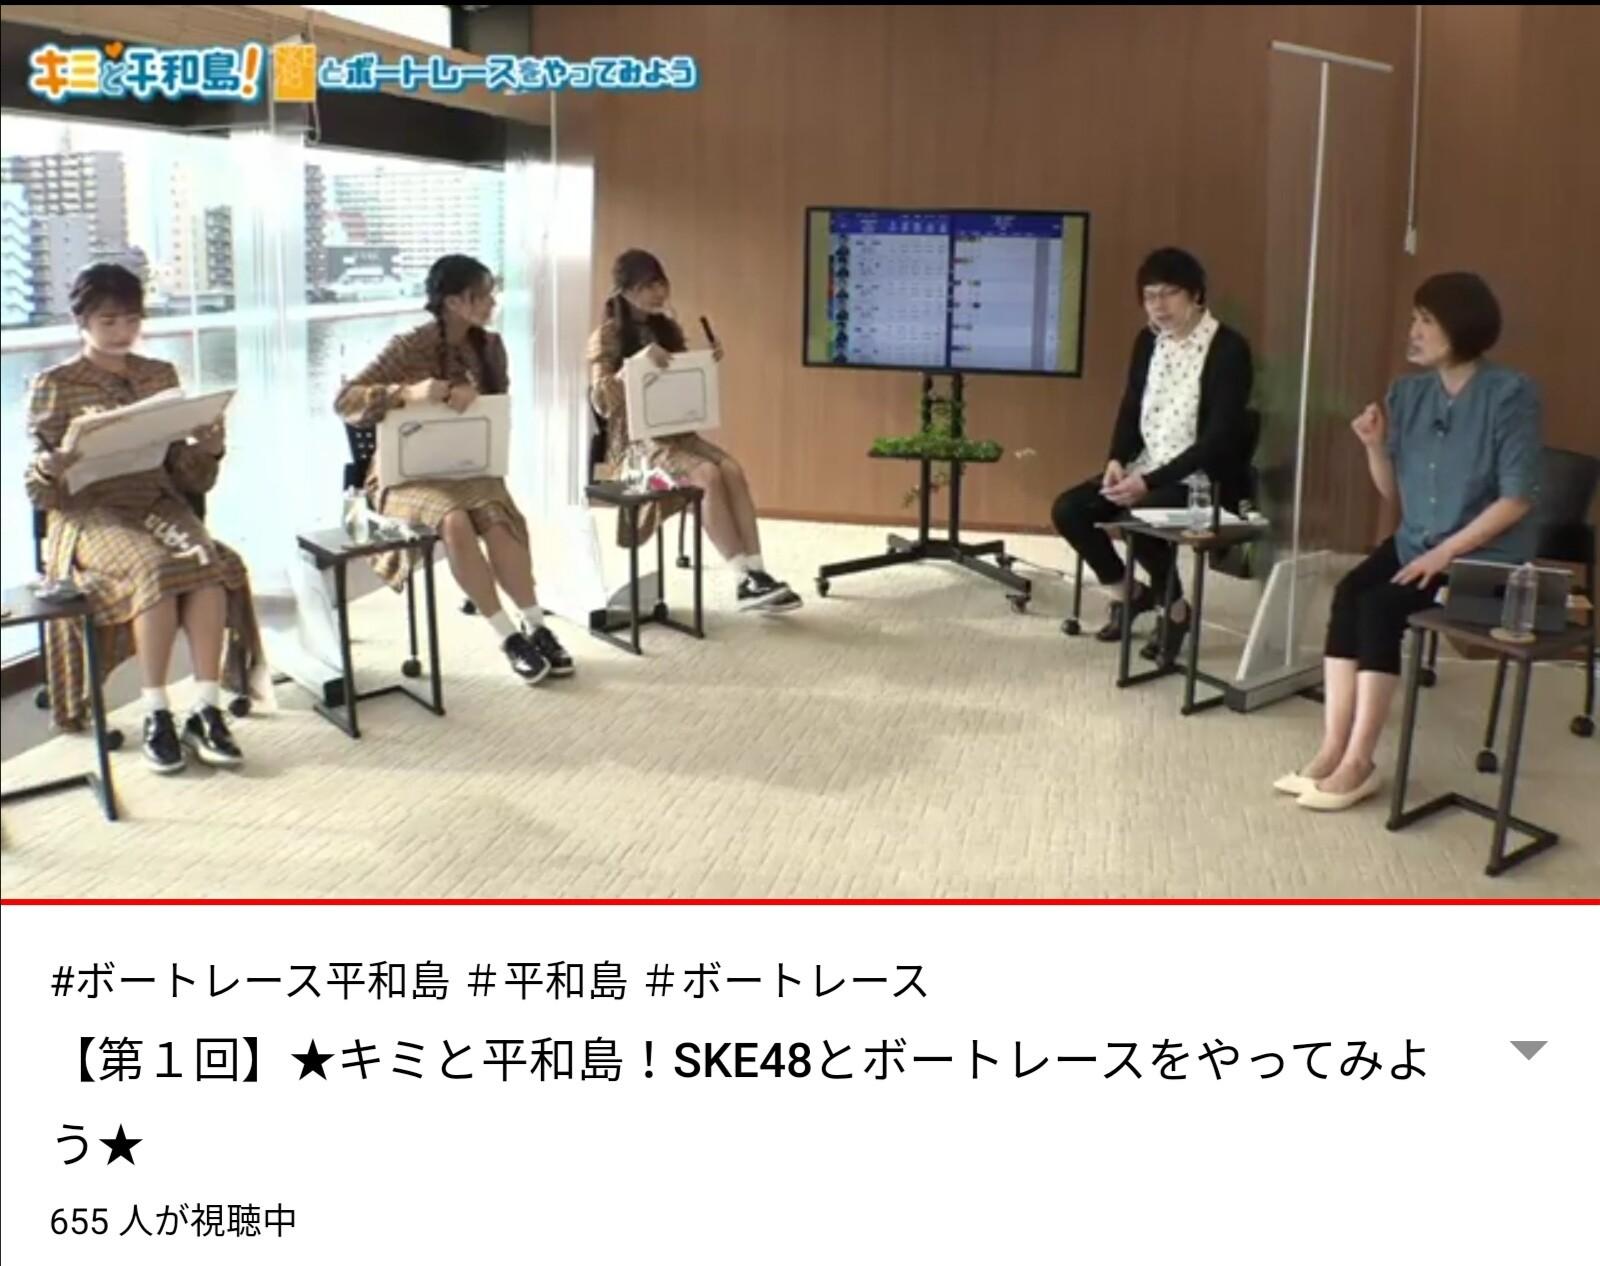 【悲報】SKE一番人気の惣田紗莉渚ちゃんの配信がたった600人しかいない 他